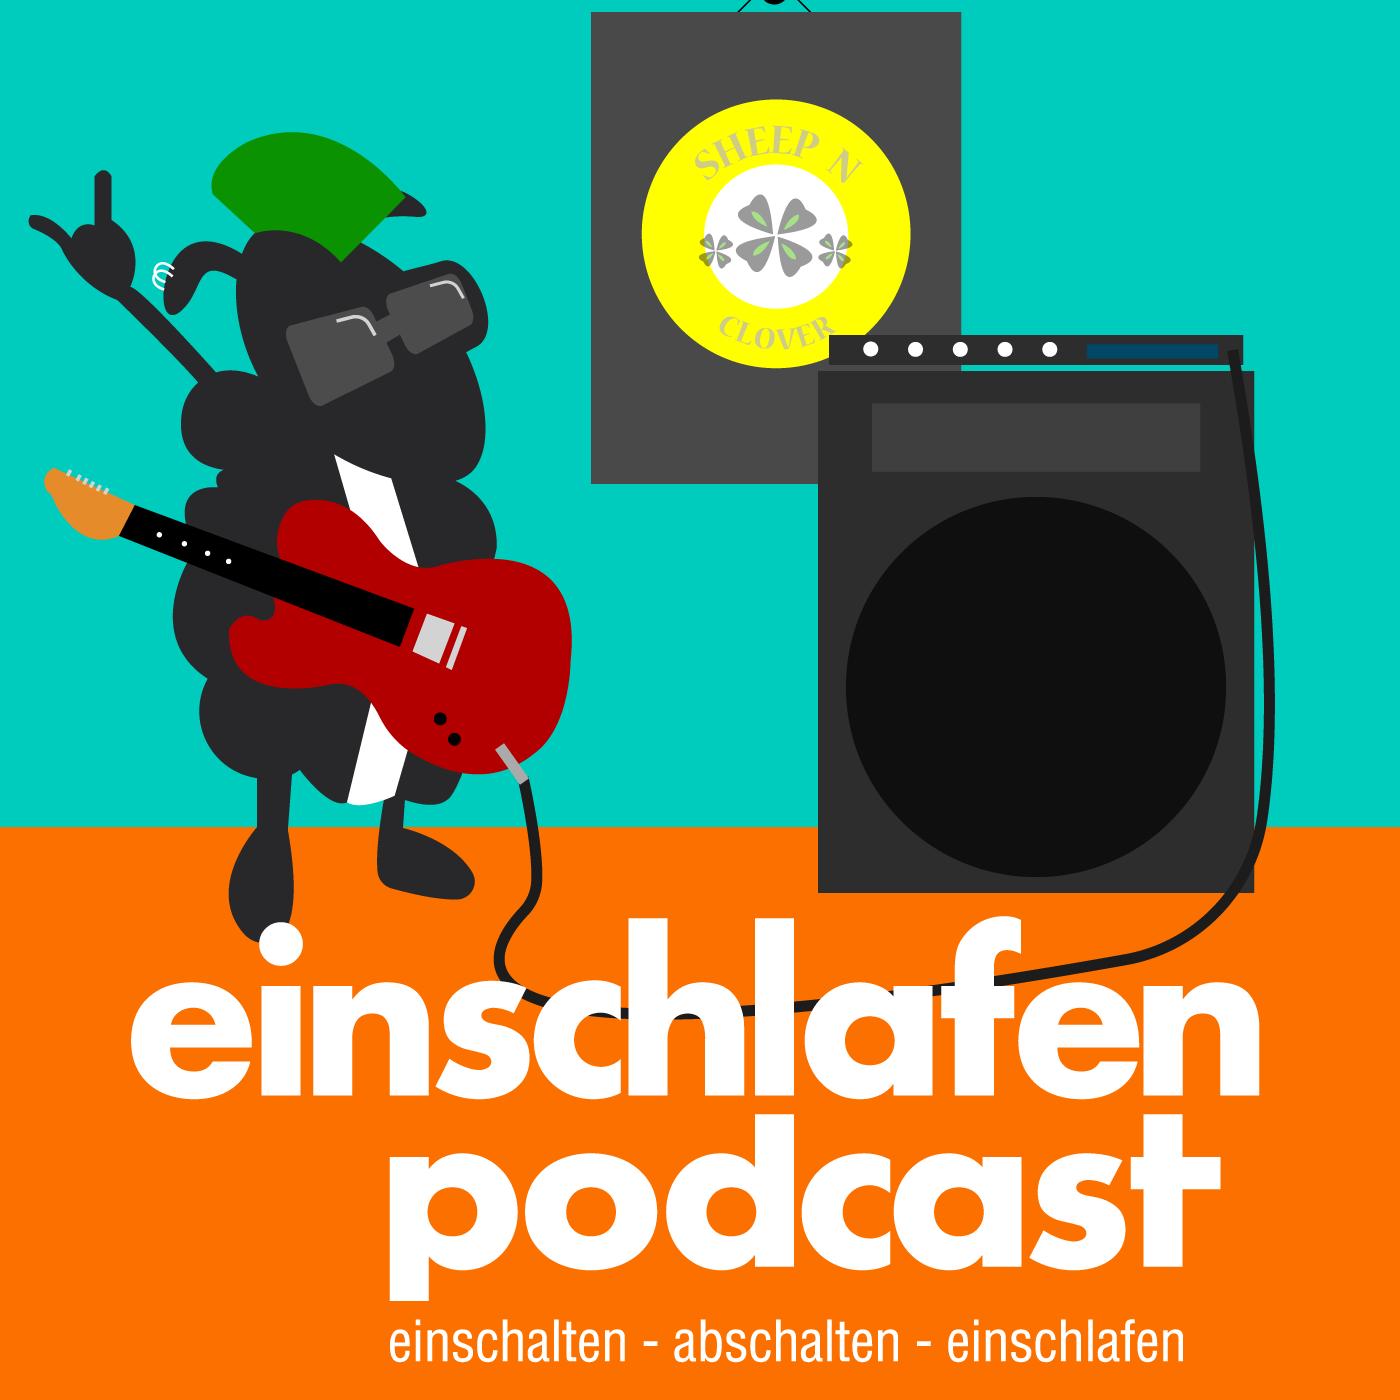 EP 322 - Bücher hören, Platten hören, Kant lesen - Episodenbild